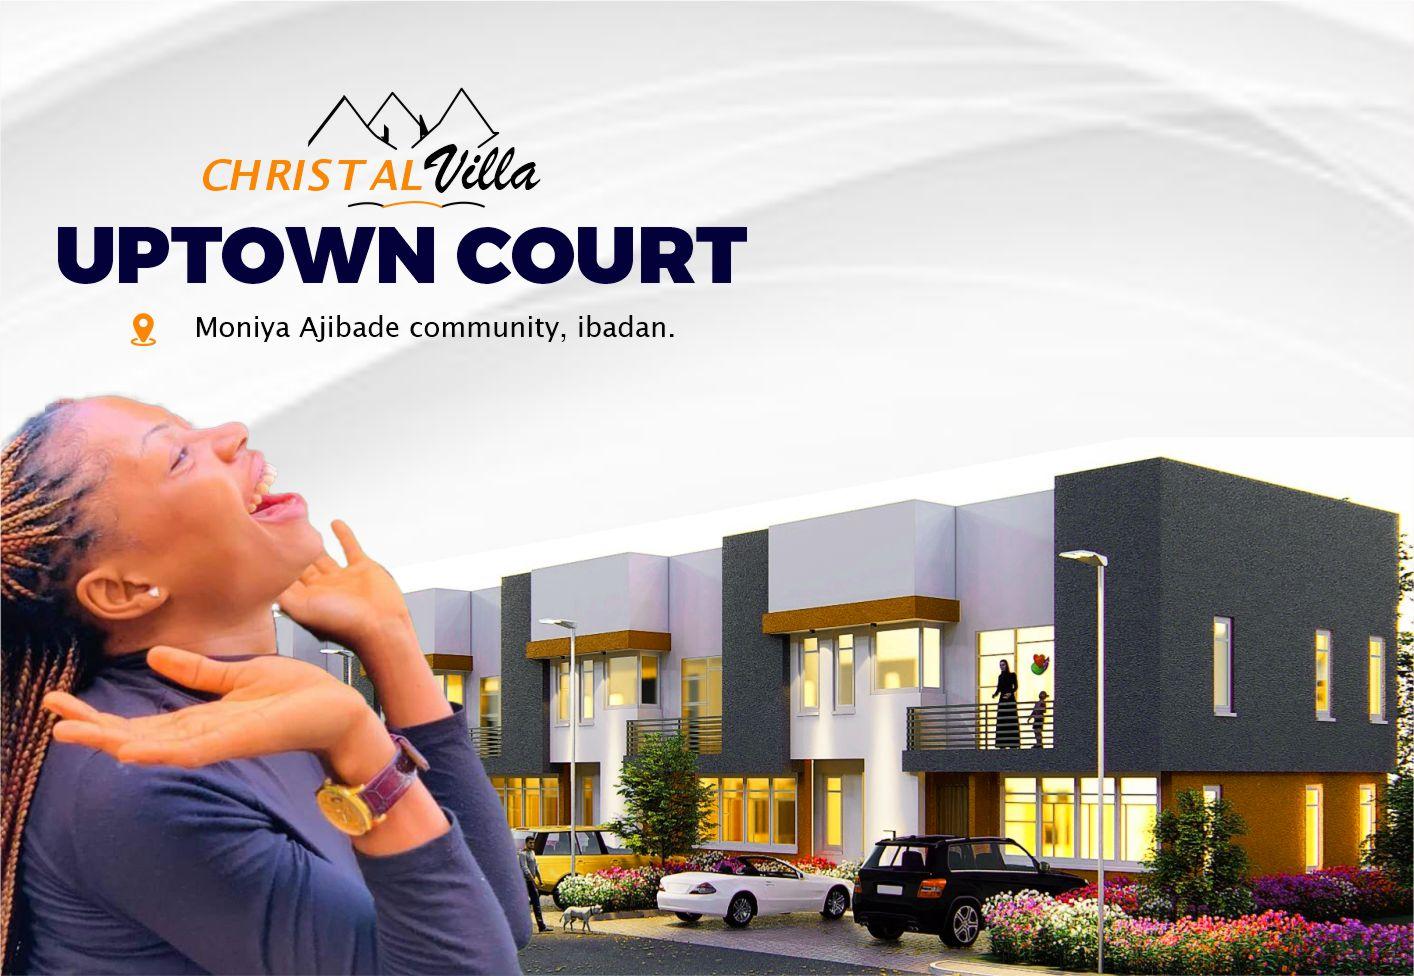 Christal Villa — Uptown Court 3 Bedroom Terrace